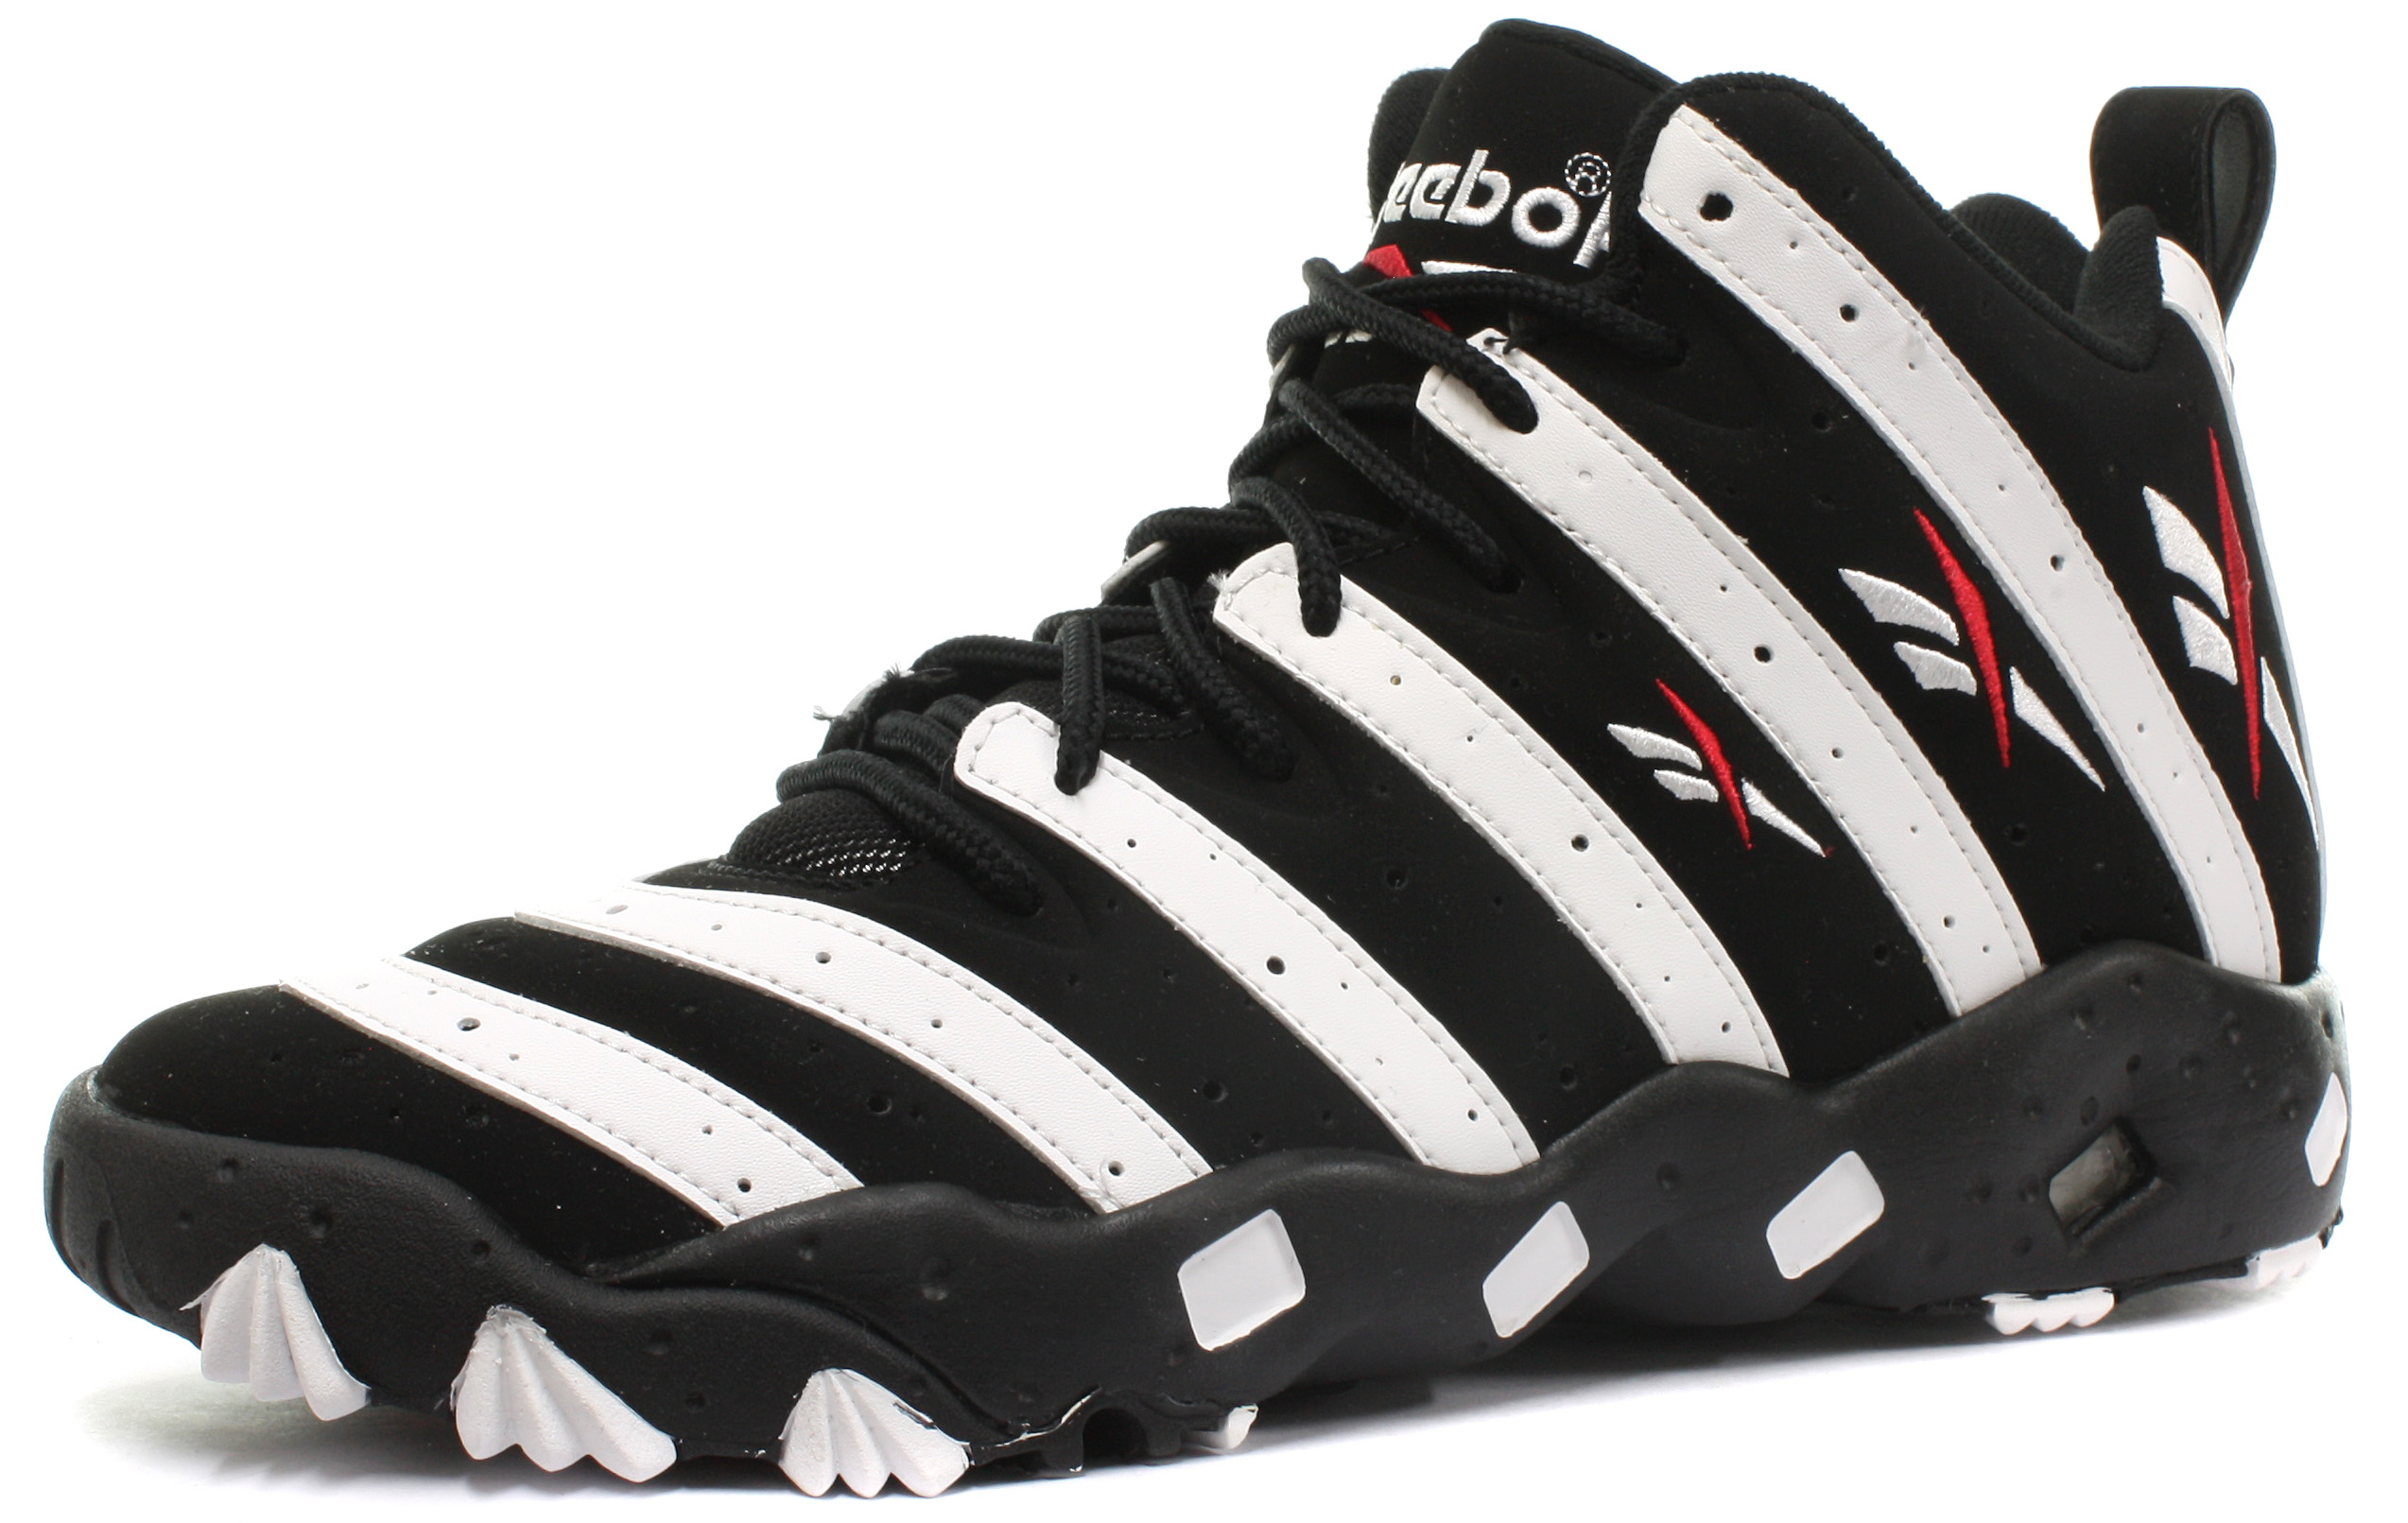 Frank Thomas Shoe Size